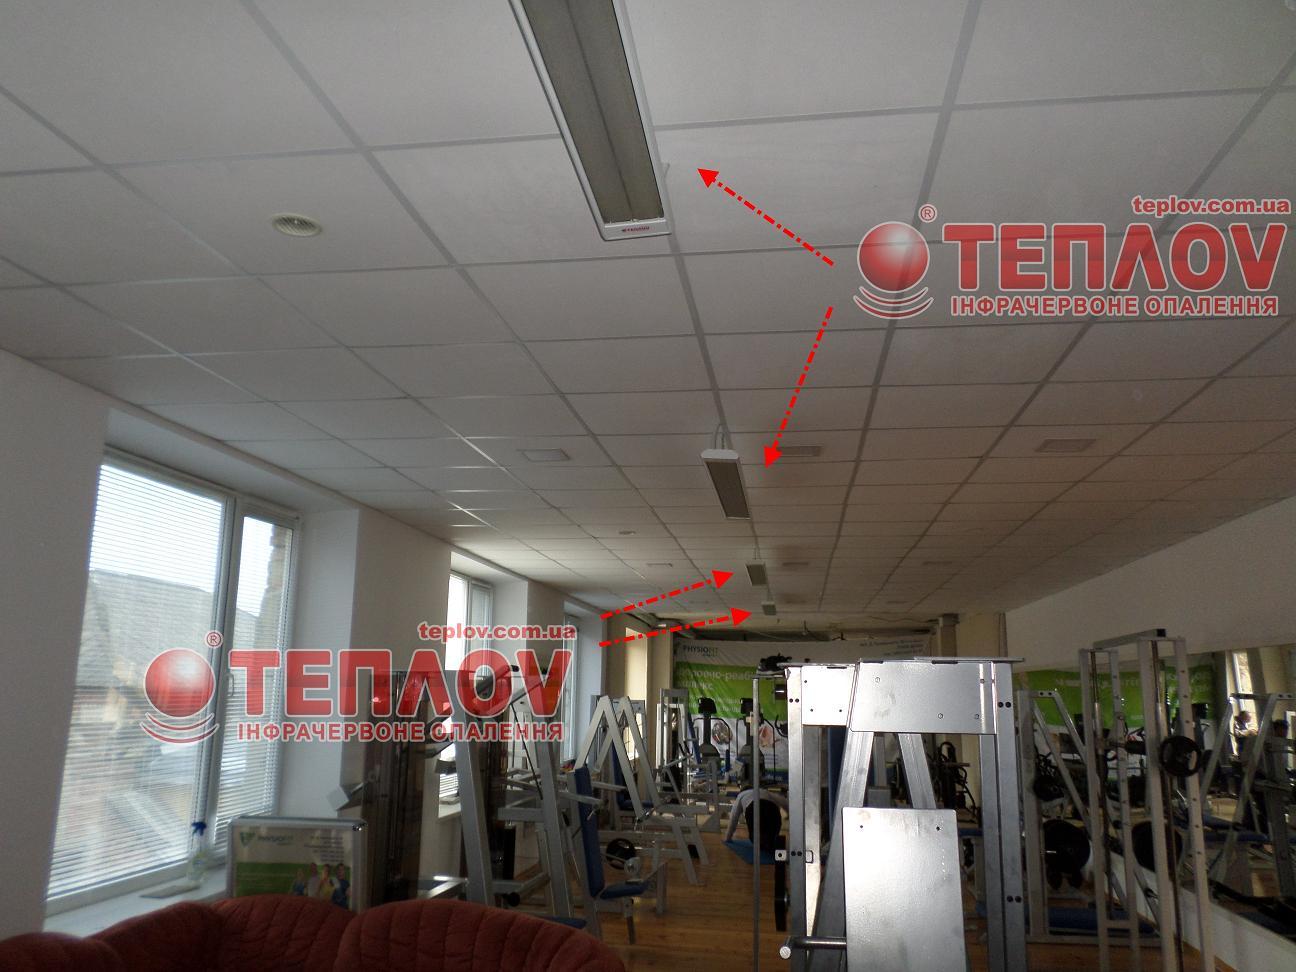 обогрев фитнес центра потолочными обогревателями